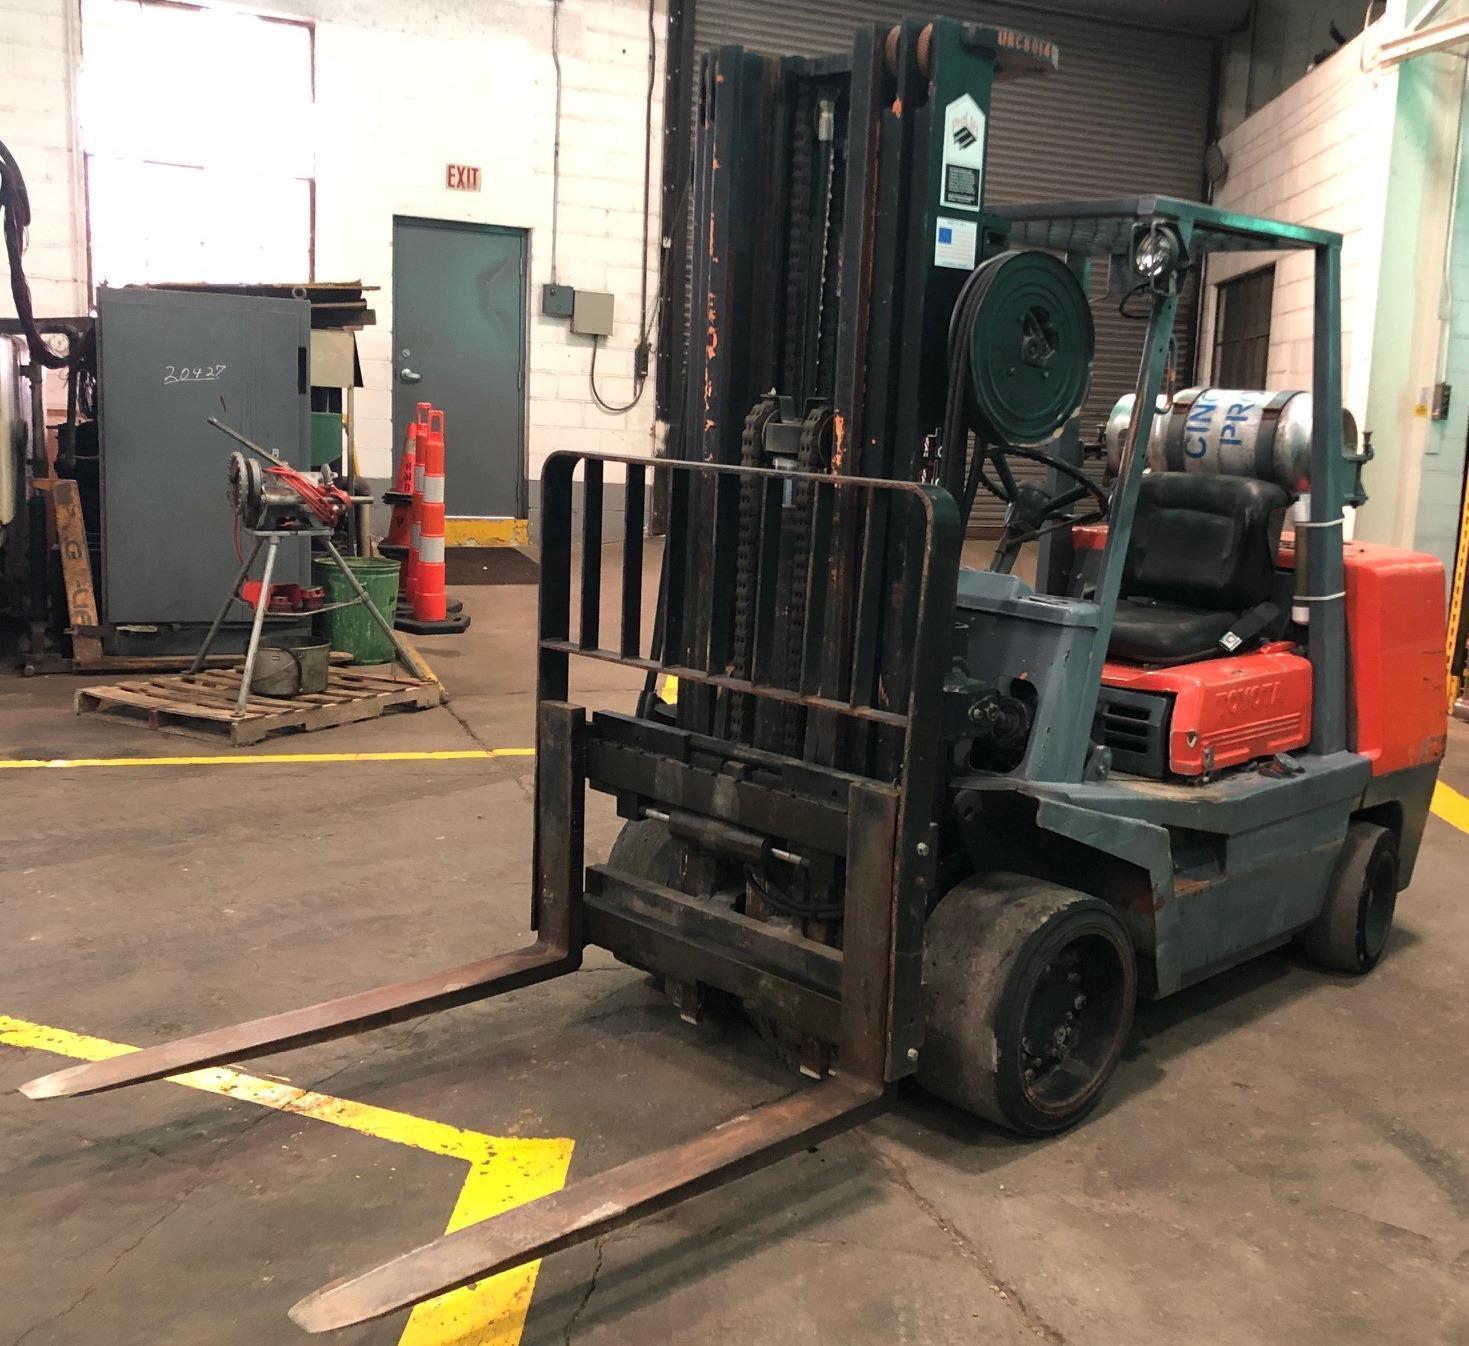 9000 Lb. Toyota Forklift No. FGC45, Hard Tires, LP, Triple Stage, Side Shift